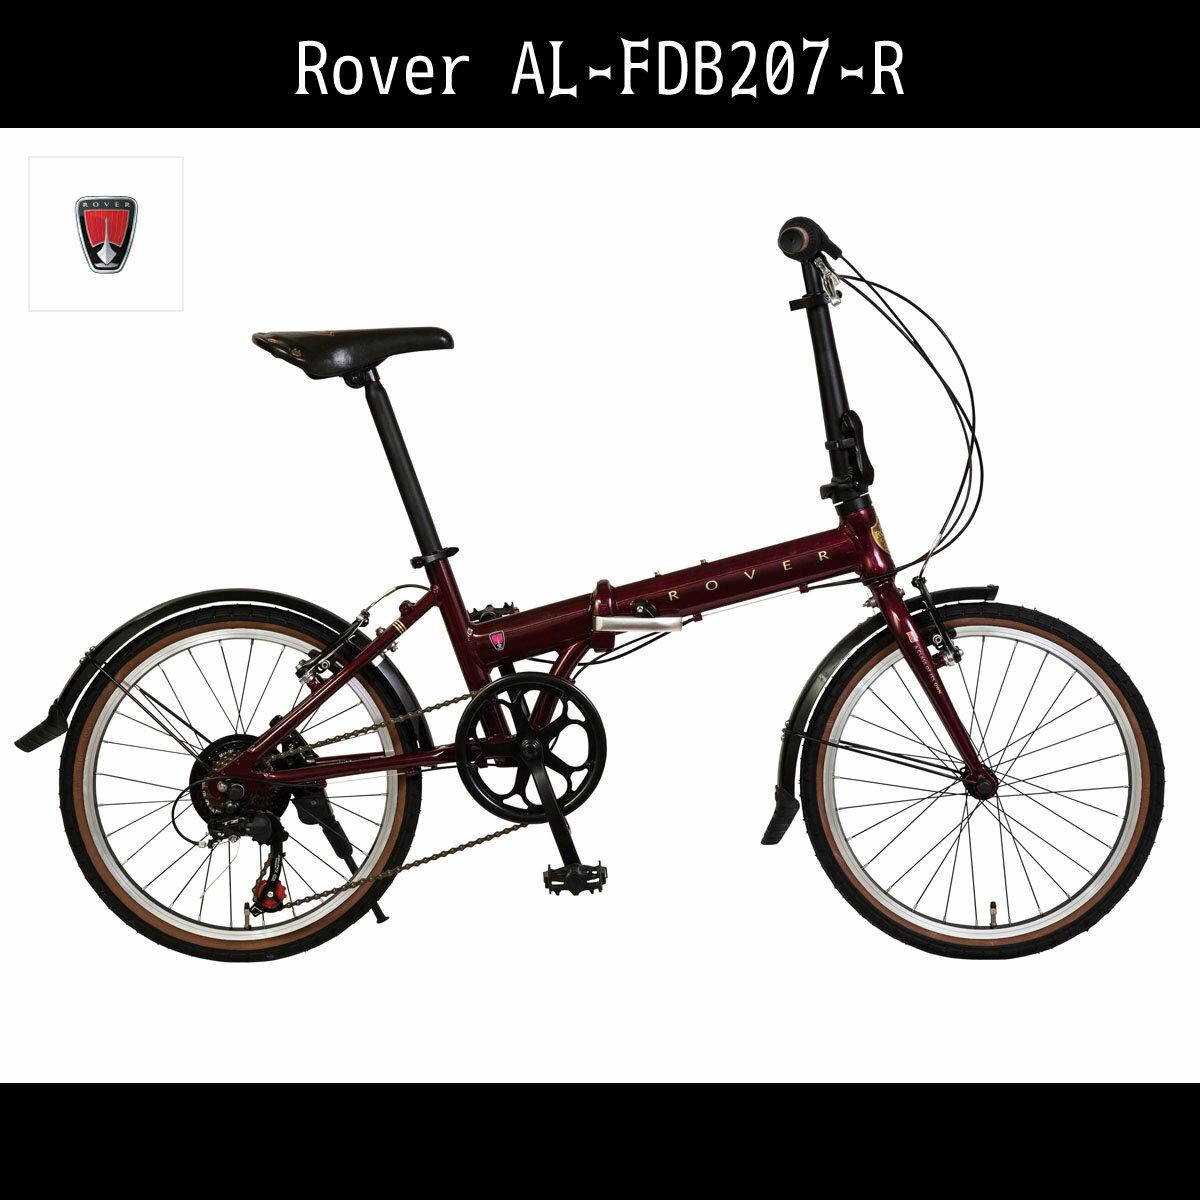 【送料無料 折りたたみ自転車 ローバー 自転車】レッド/赤色 自転車【20インチ 折りたたみ自転車 外装7段変速ギア アルミ】 Rover 自転車 AL-FDB207-R アルミニウム